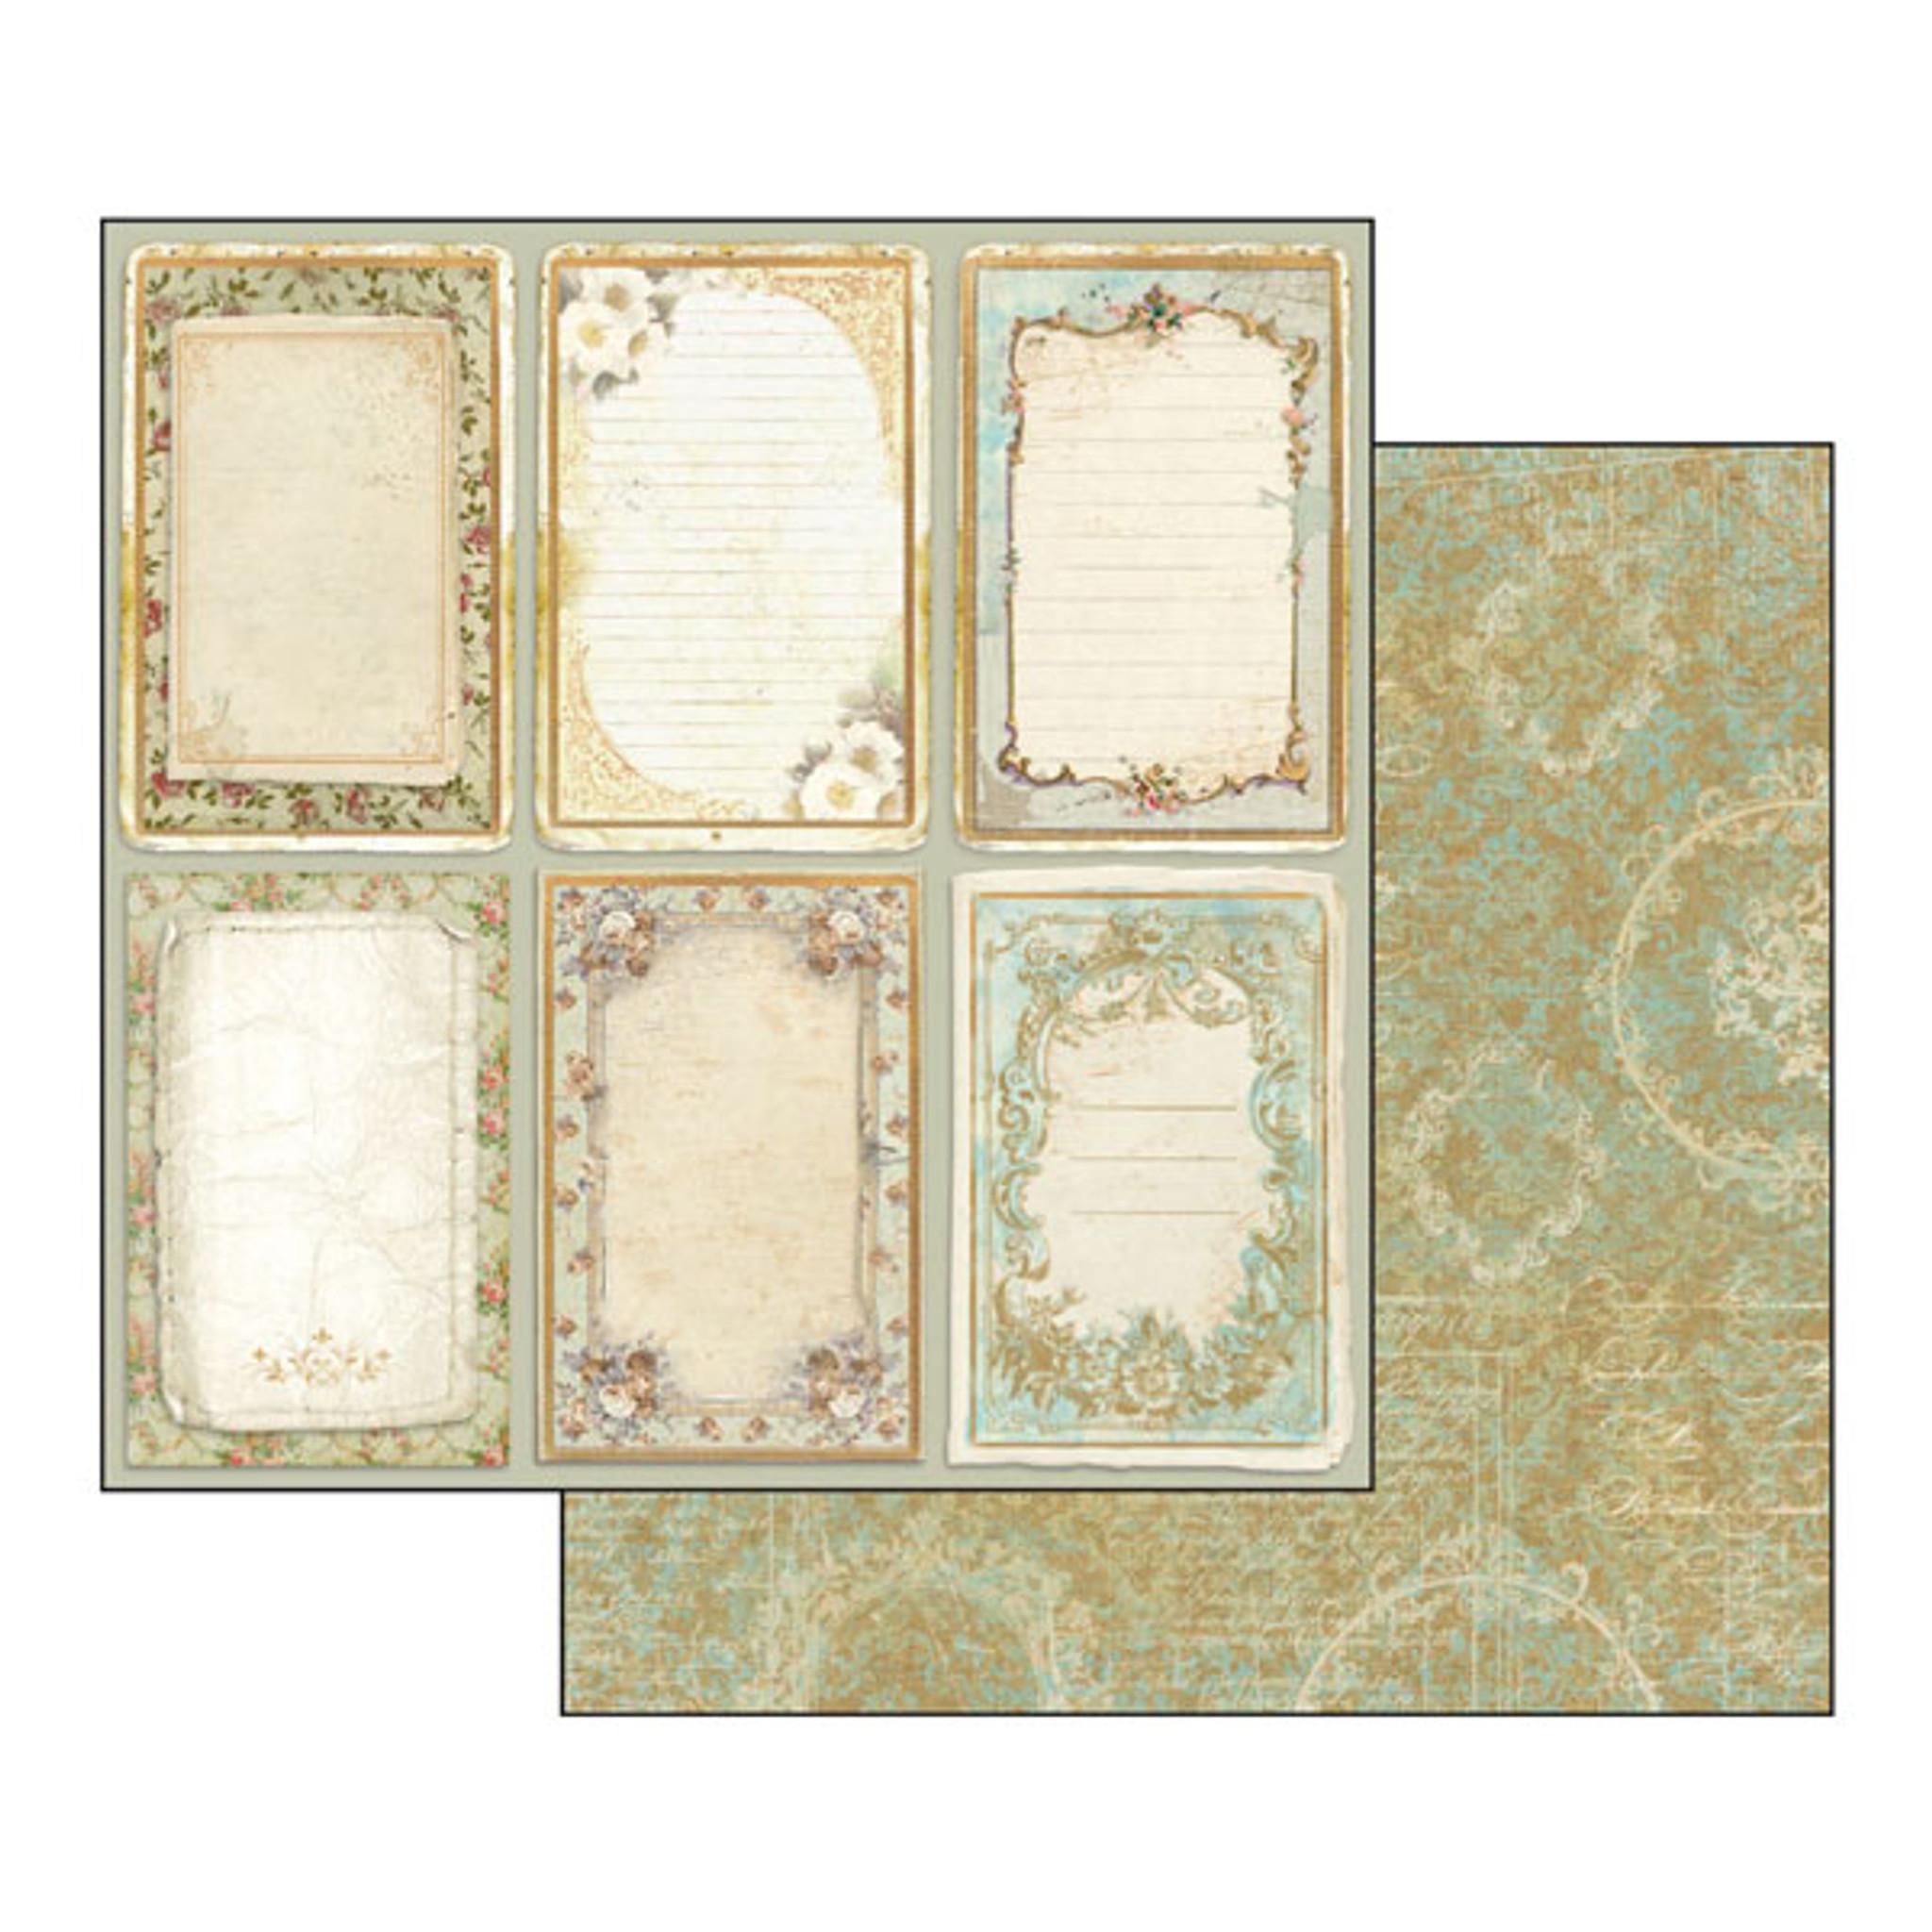 Stamperia Precious 12 x 12 Paper Pad